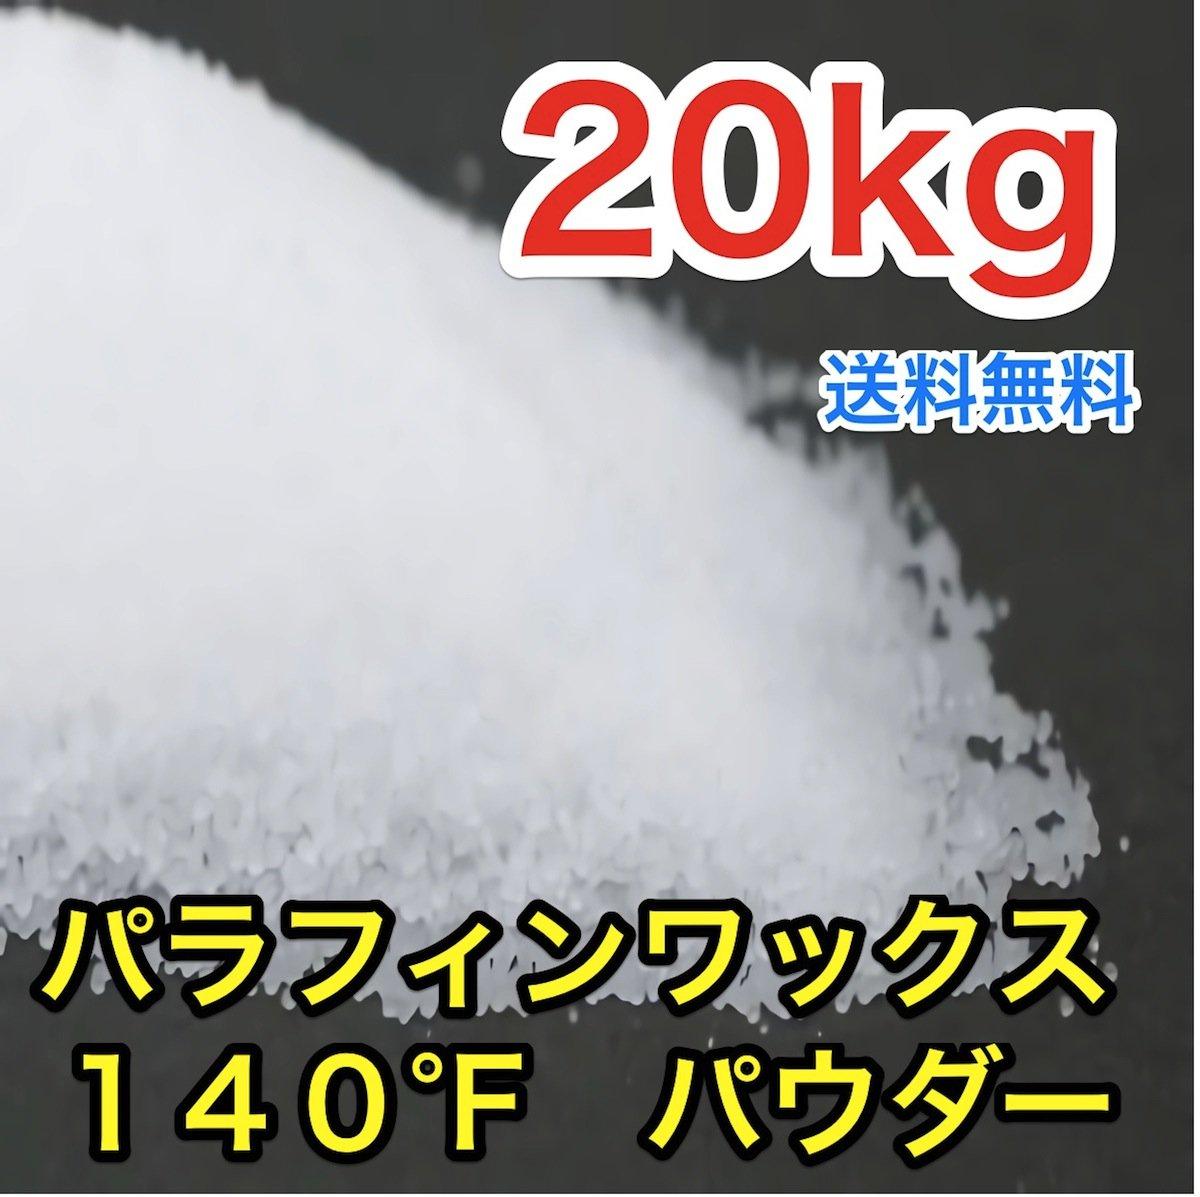 パラフィンワックス140°Fパウダー状 (20kg) 20kg  B072BNYGJF